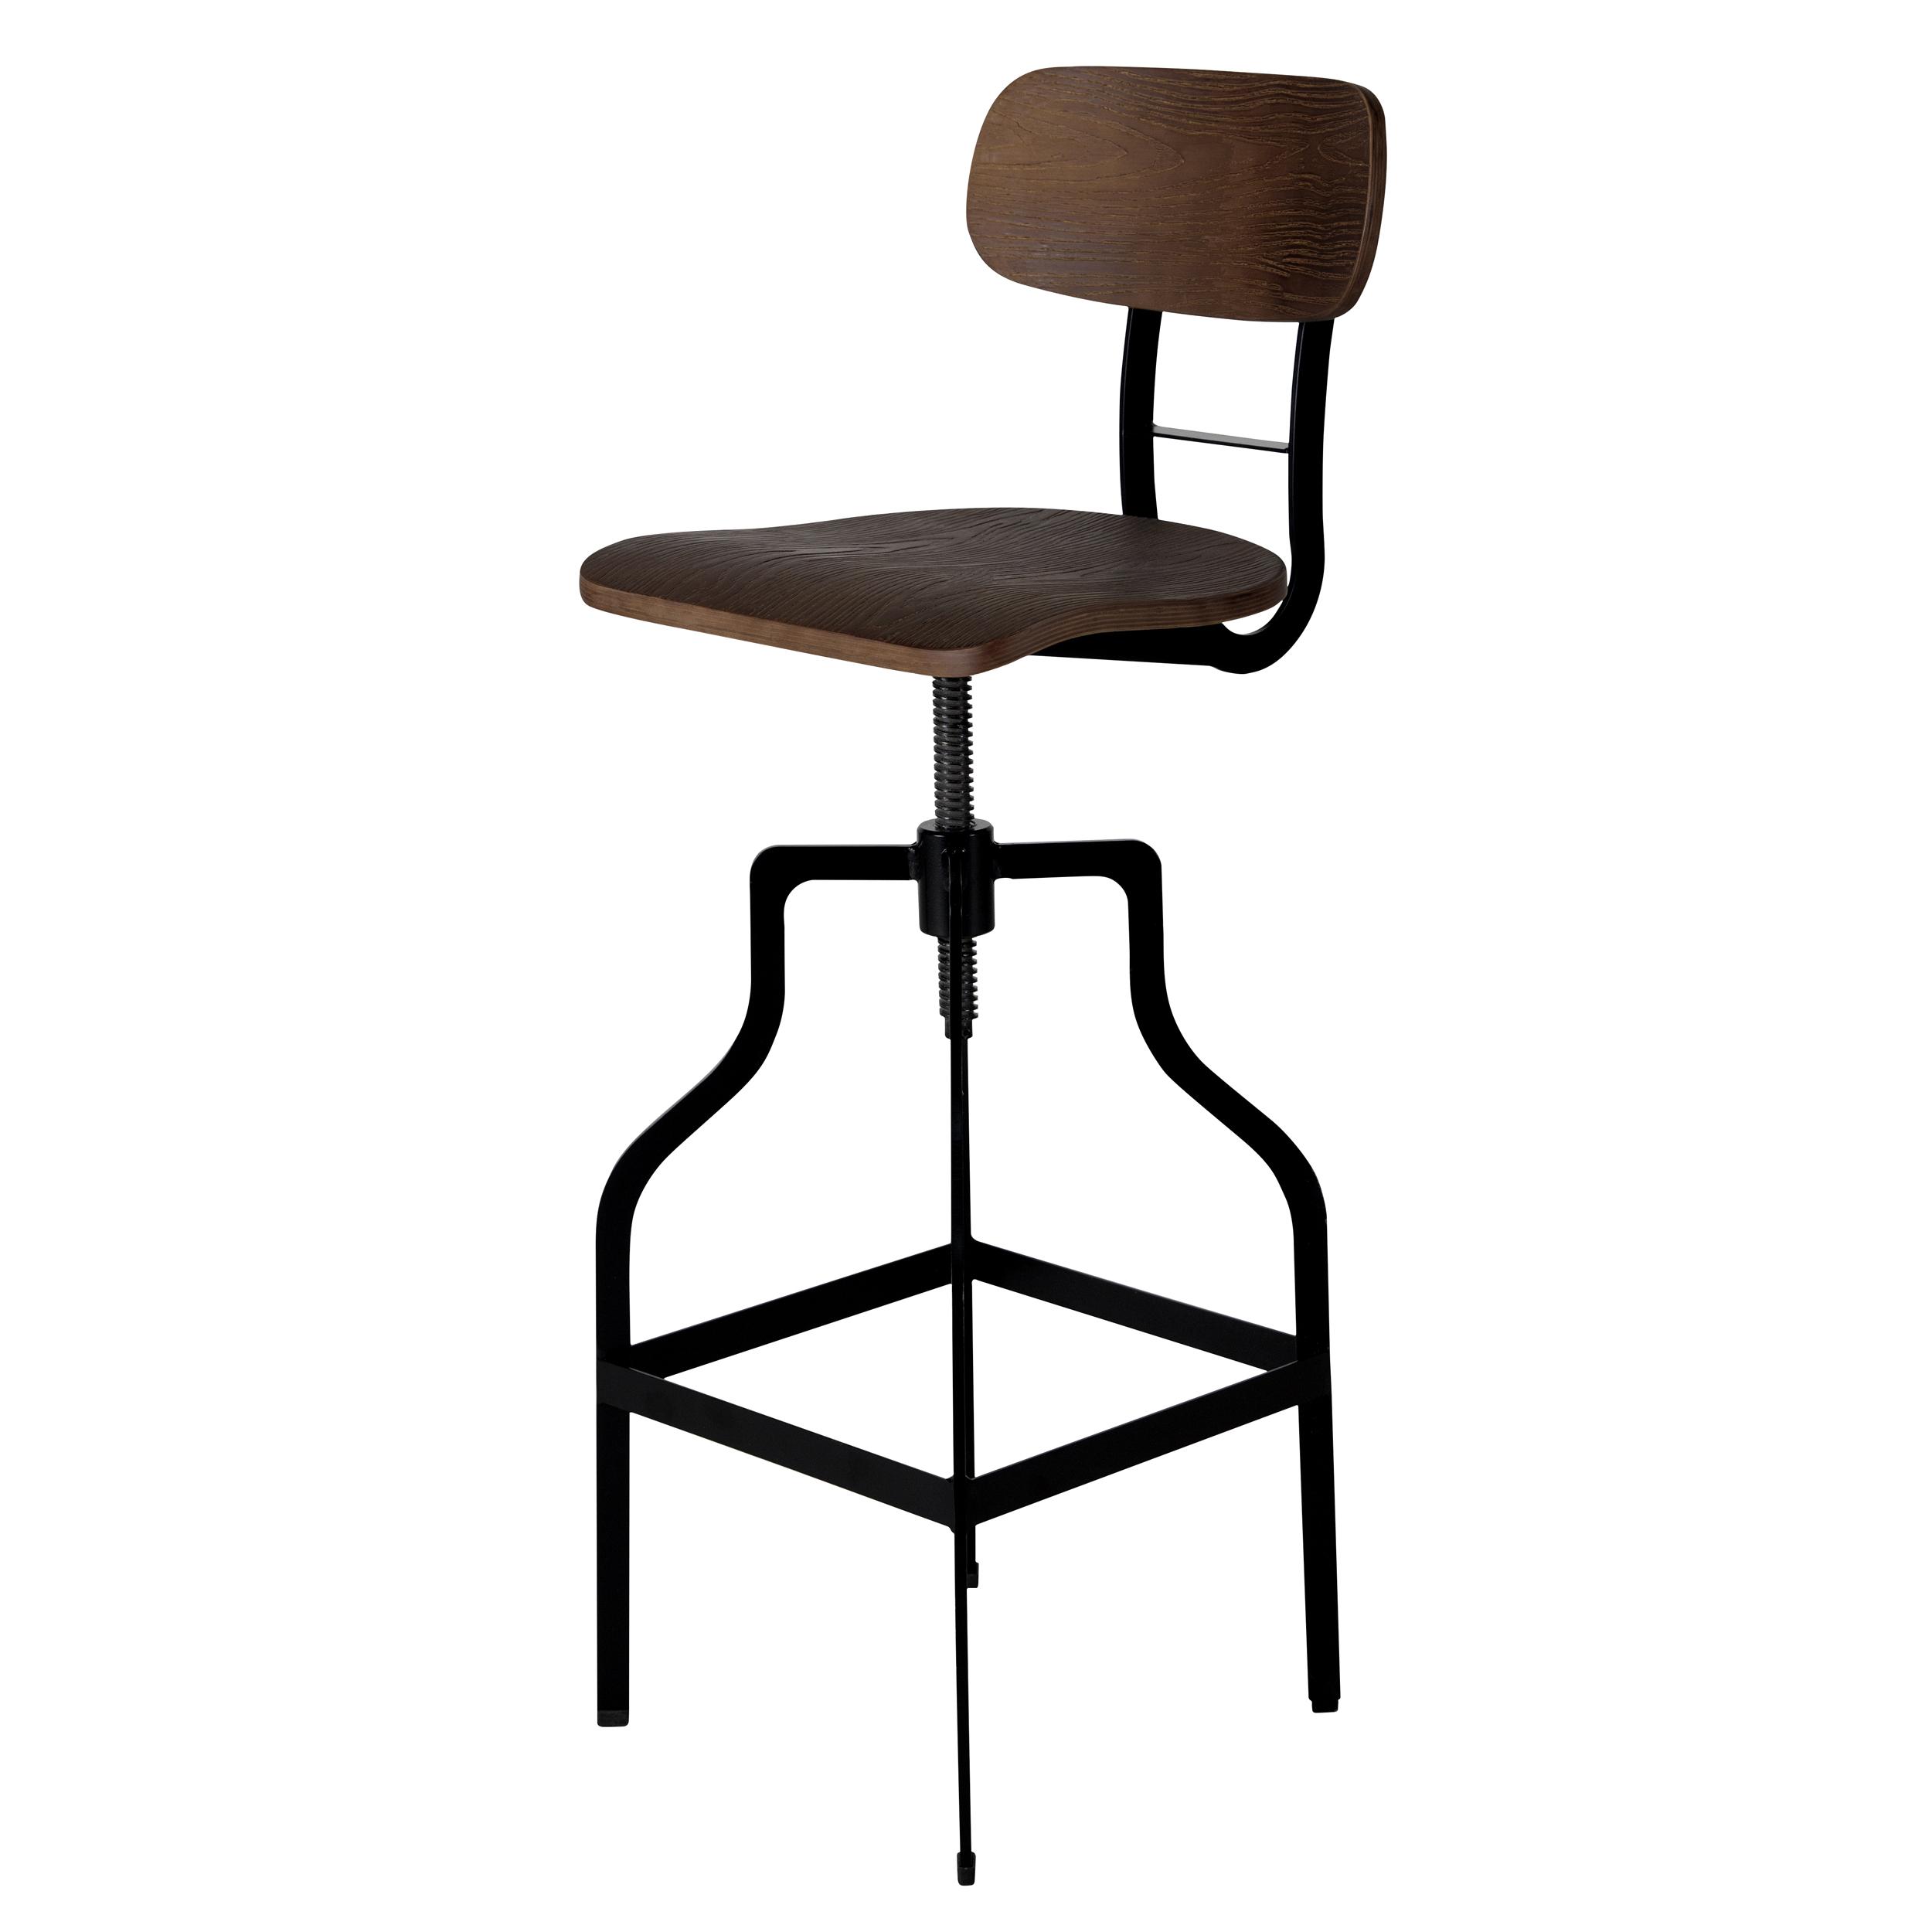 Chaise de bar vintage réglable en hauteur 66/85 cm en bois